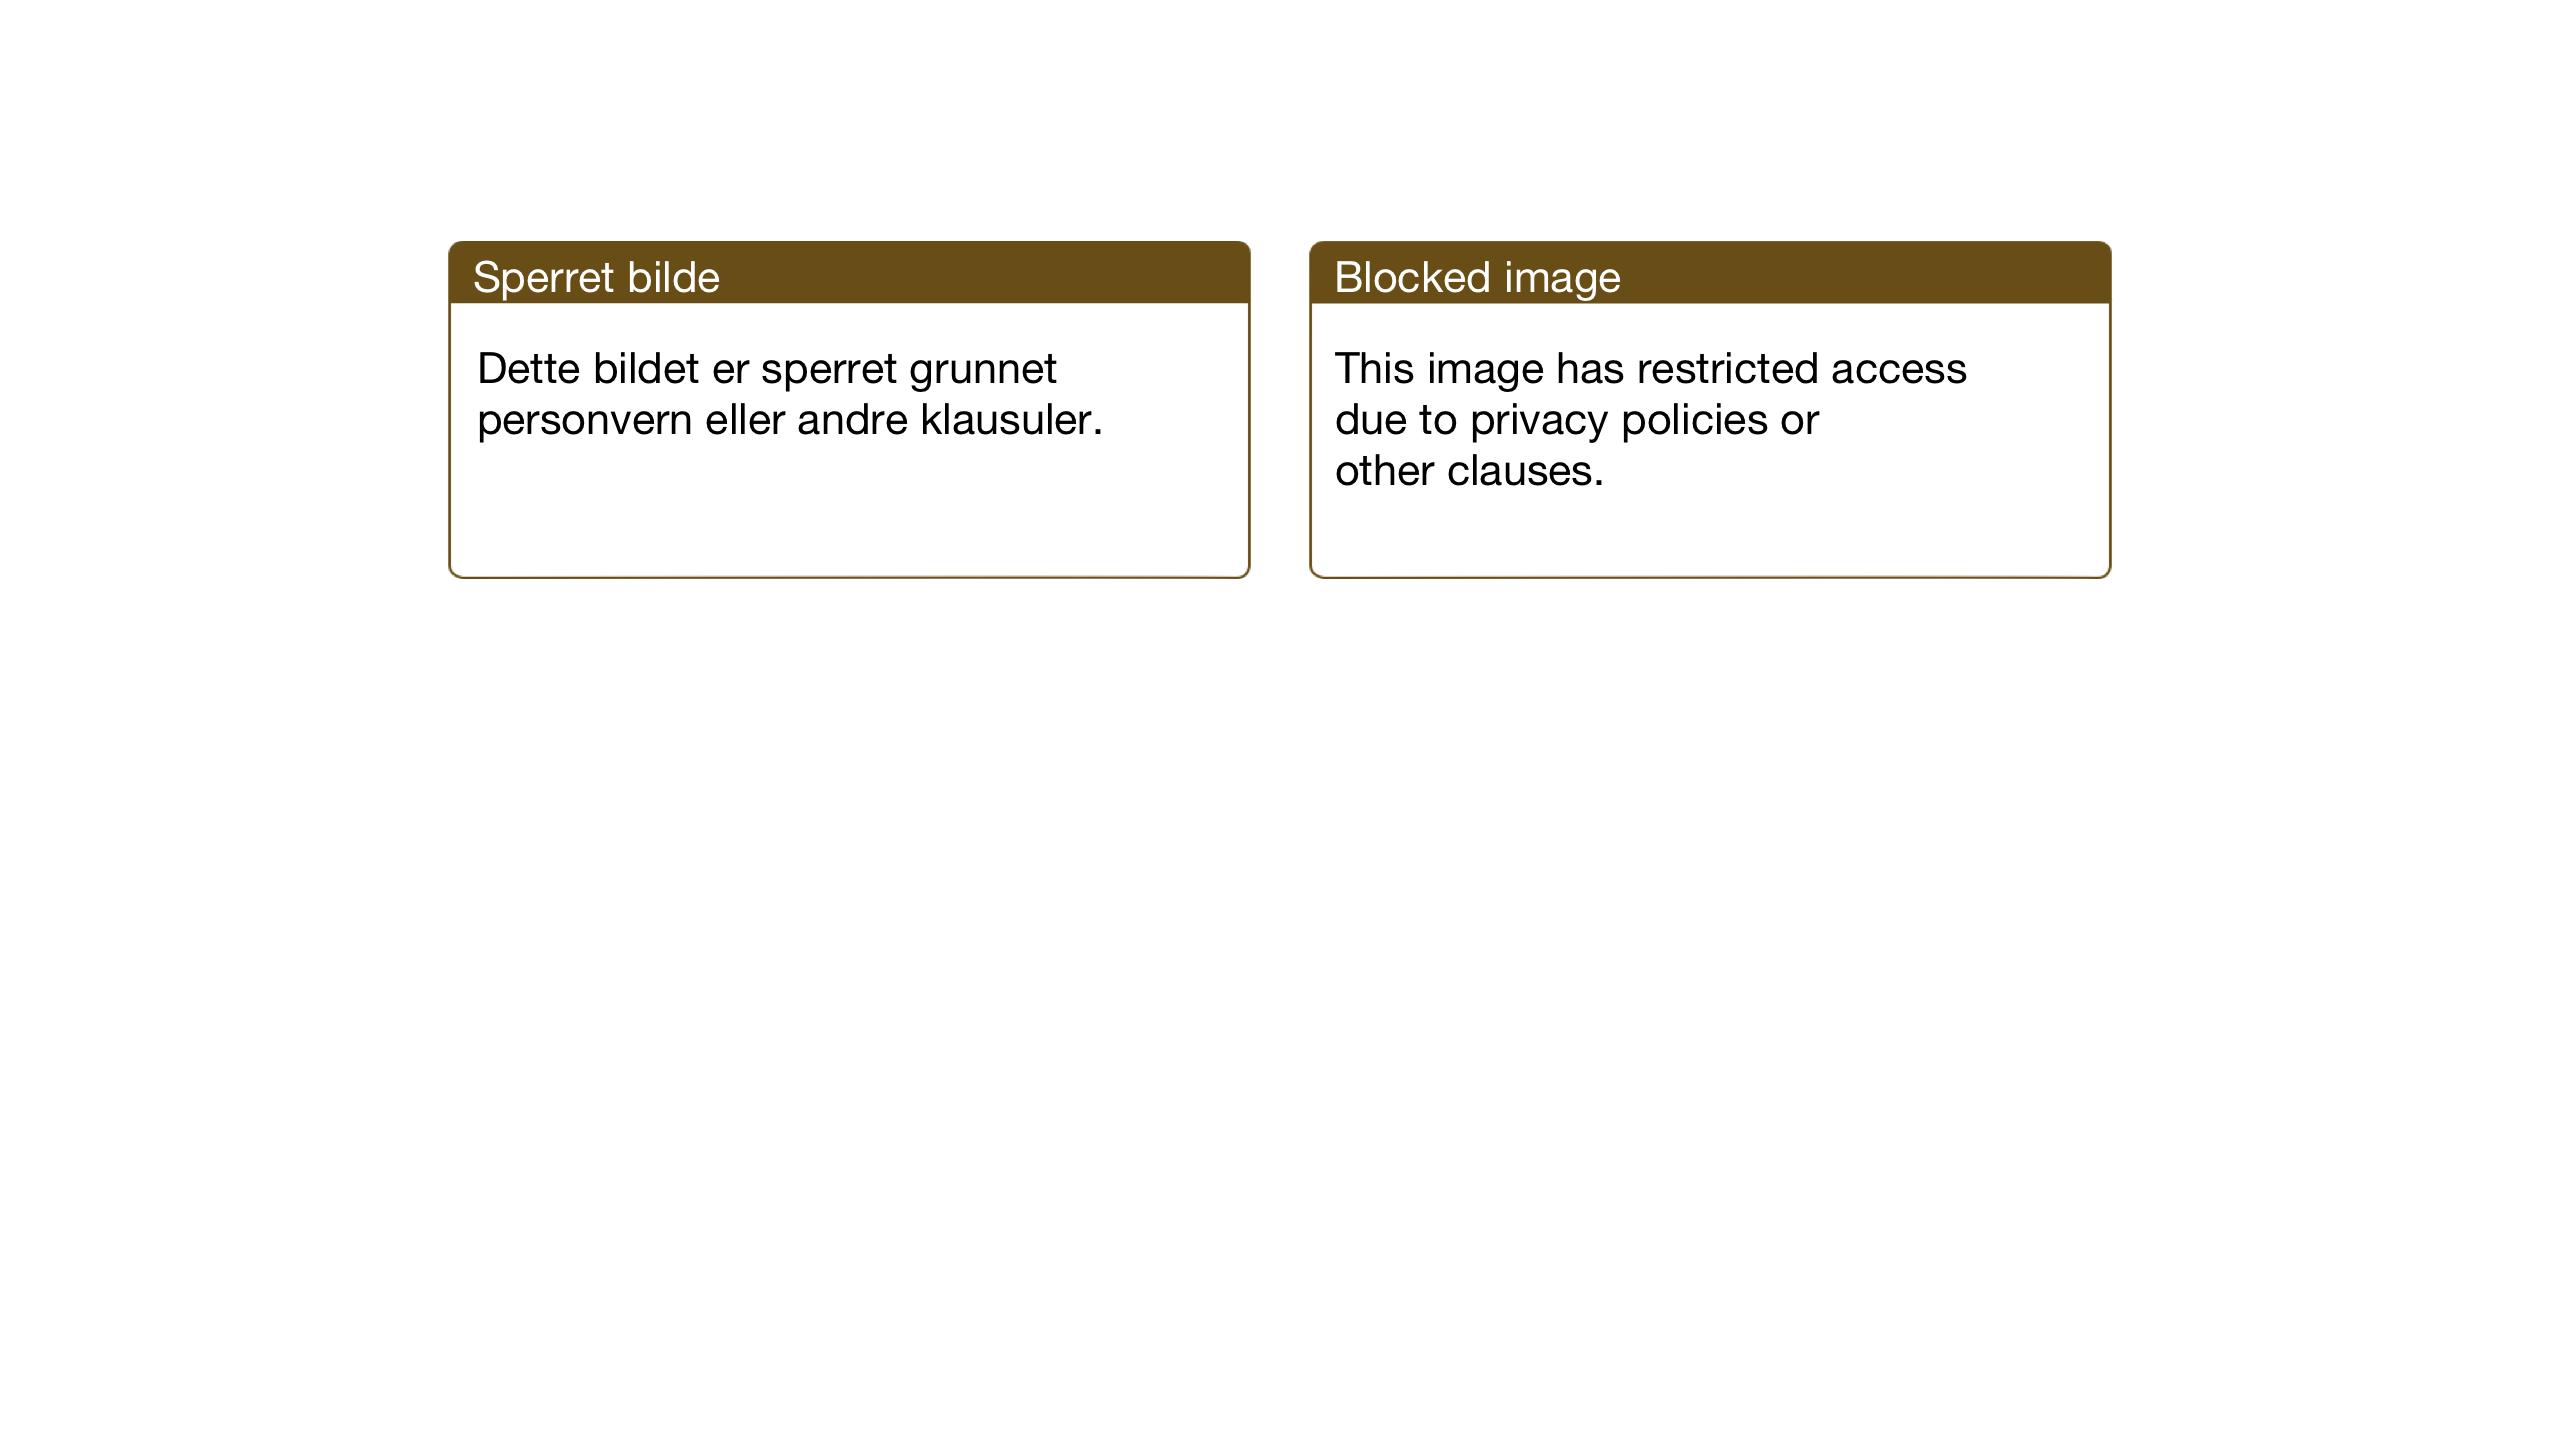 SAT, Ministerialprotokoller, klokkerbøker og fødselsregistre - Nord-Trøndelag, 774/L0631: Klokkerbok nr. 774C02, 1934-1950, s. 143